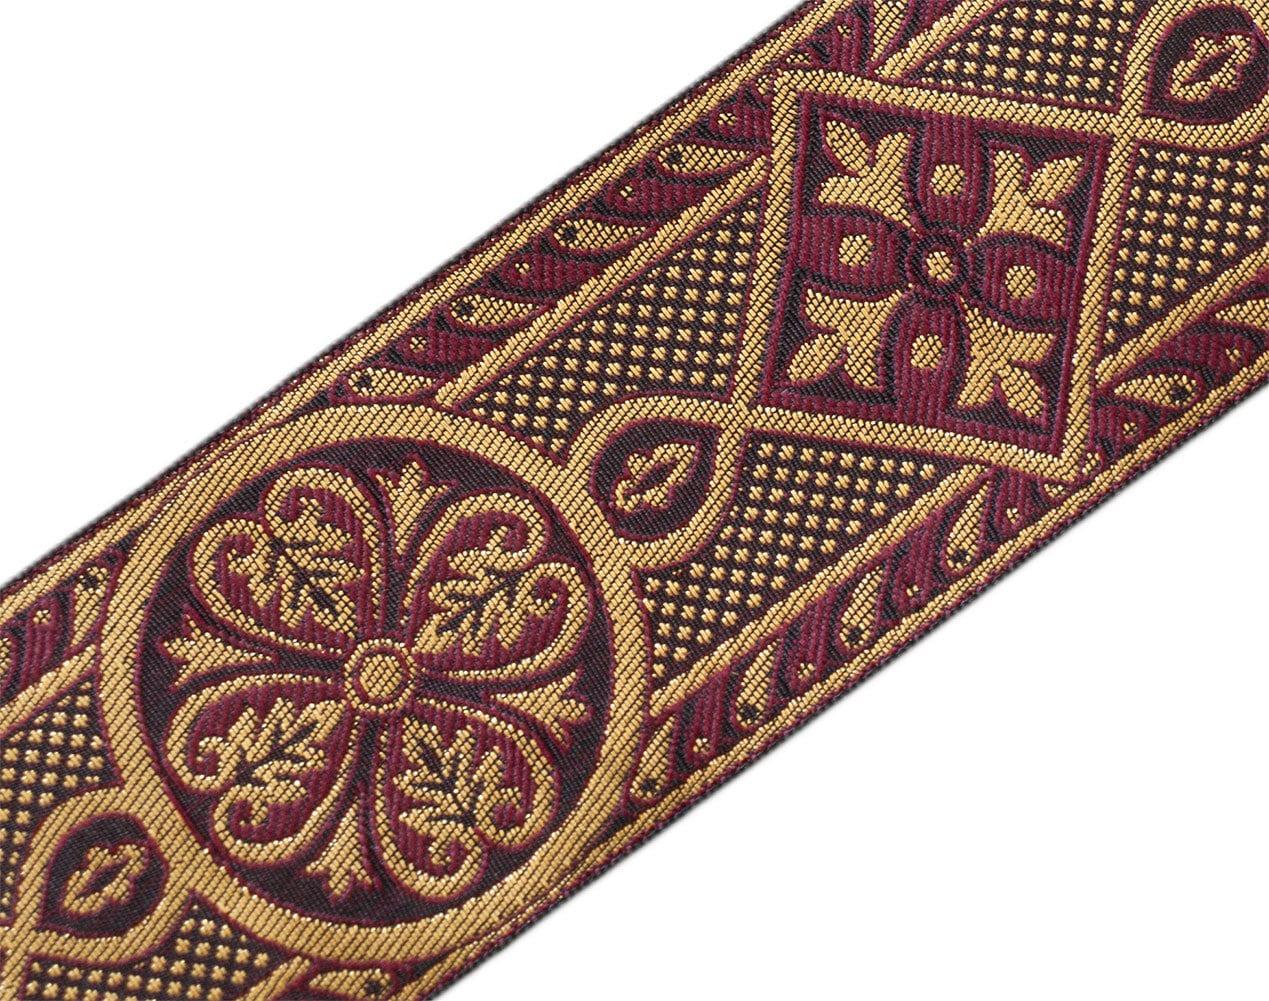 3 yards Chasuble Jacquard Jacquard Chasuble vêtement garniture Bordeaux or 2 3/8